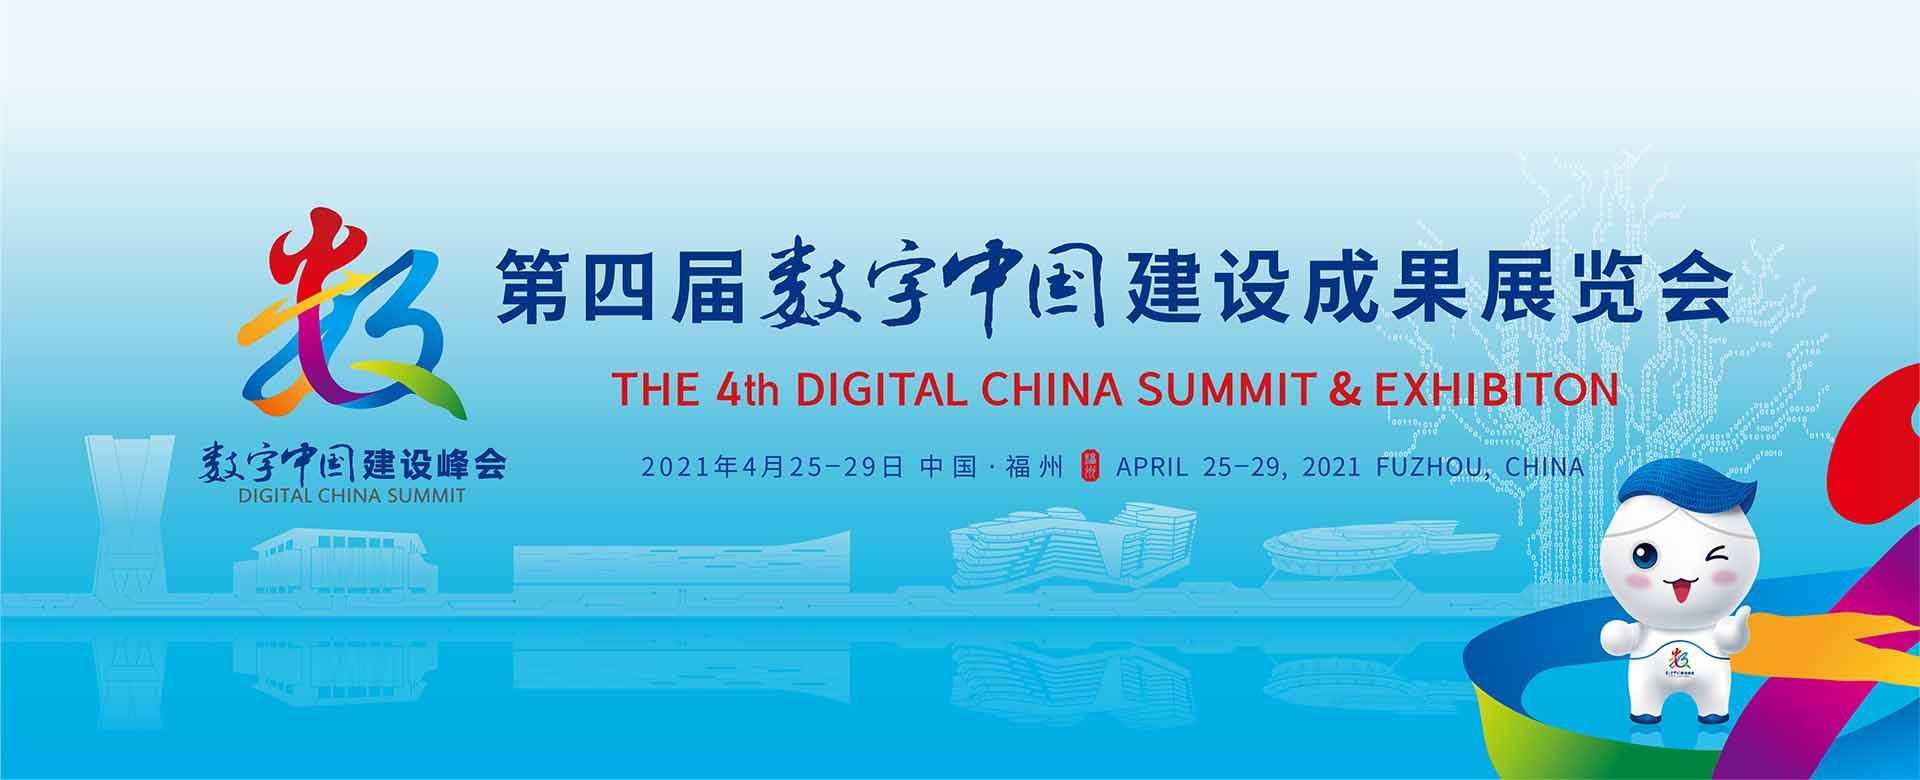 官宣了:首届中国(福州)国际数字产品博览会将于4月25-27日在海峡国际会展中心举办!